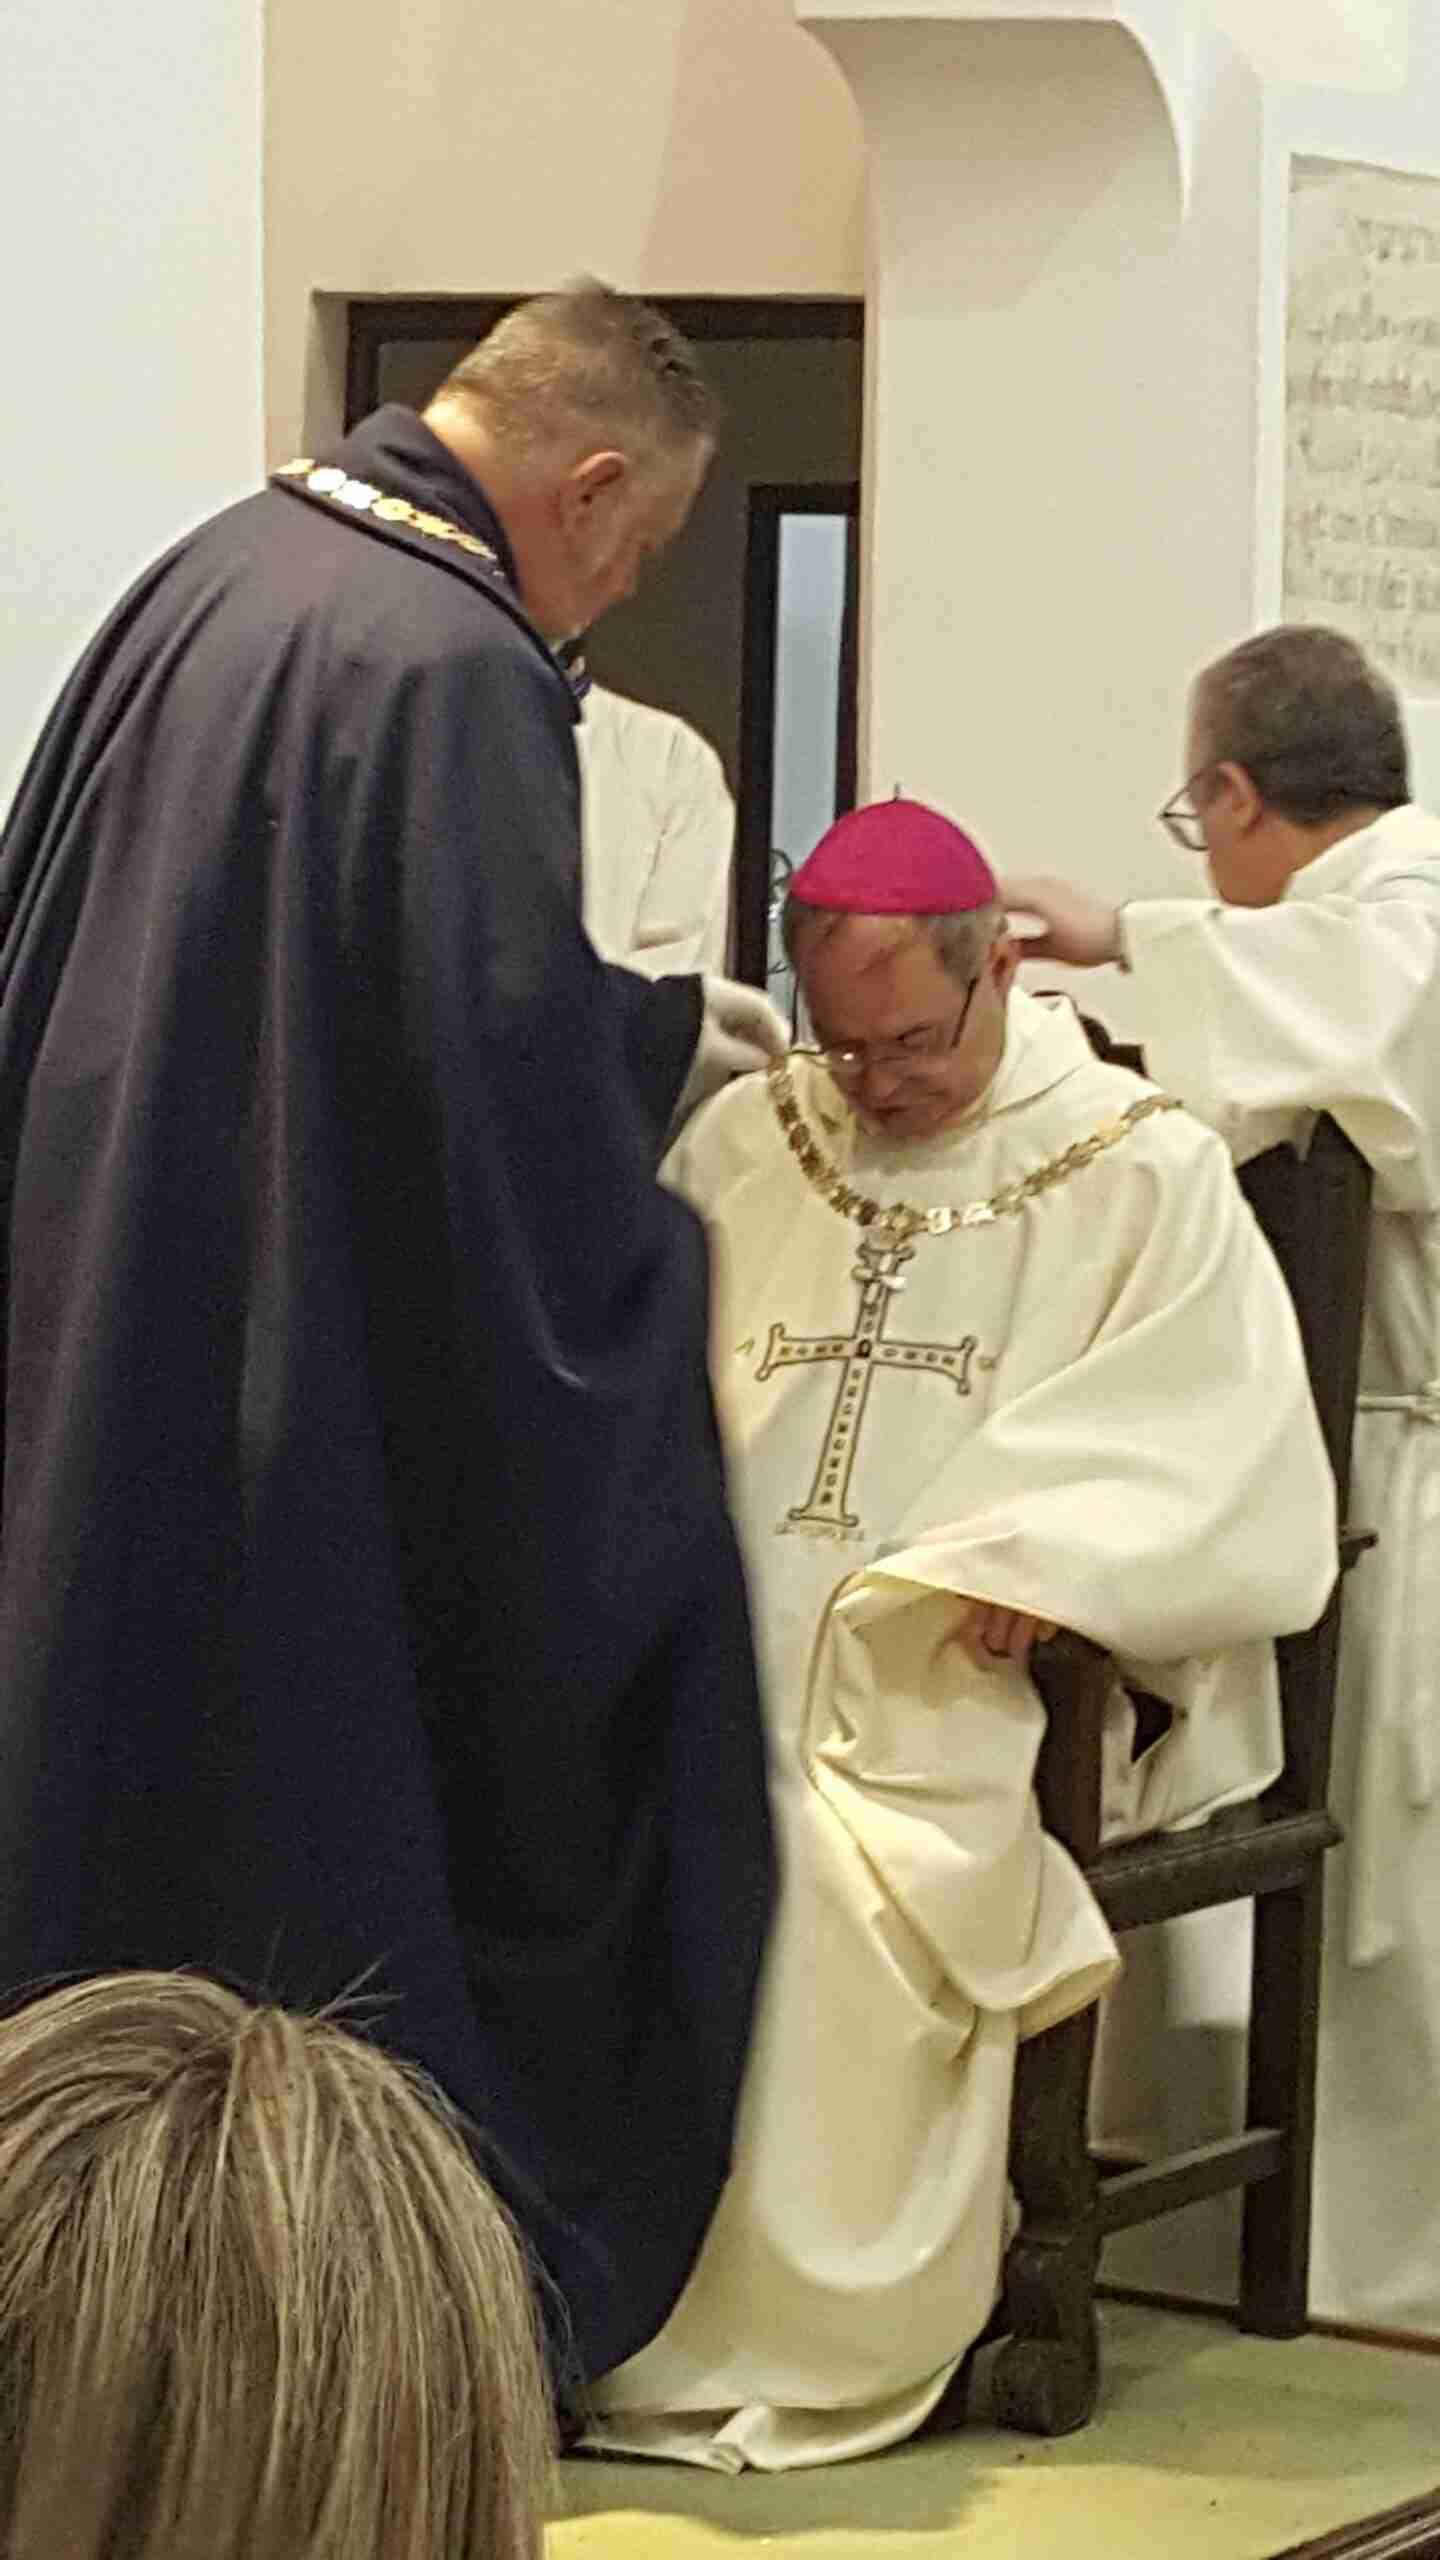 Entrega del Collar de la Hermandad Mozárabe al Arzobispo de Toledo, Mons. Don Francisco Cerro Chaves 8